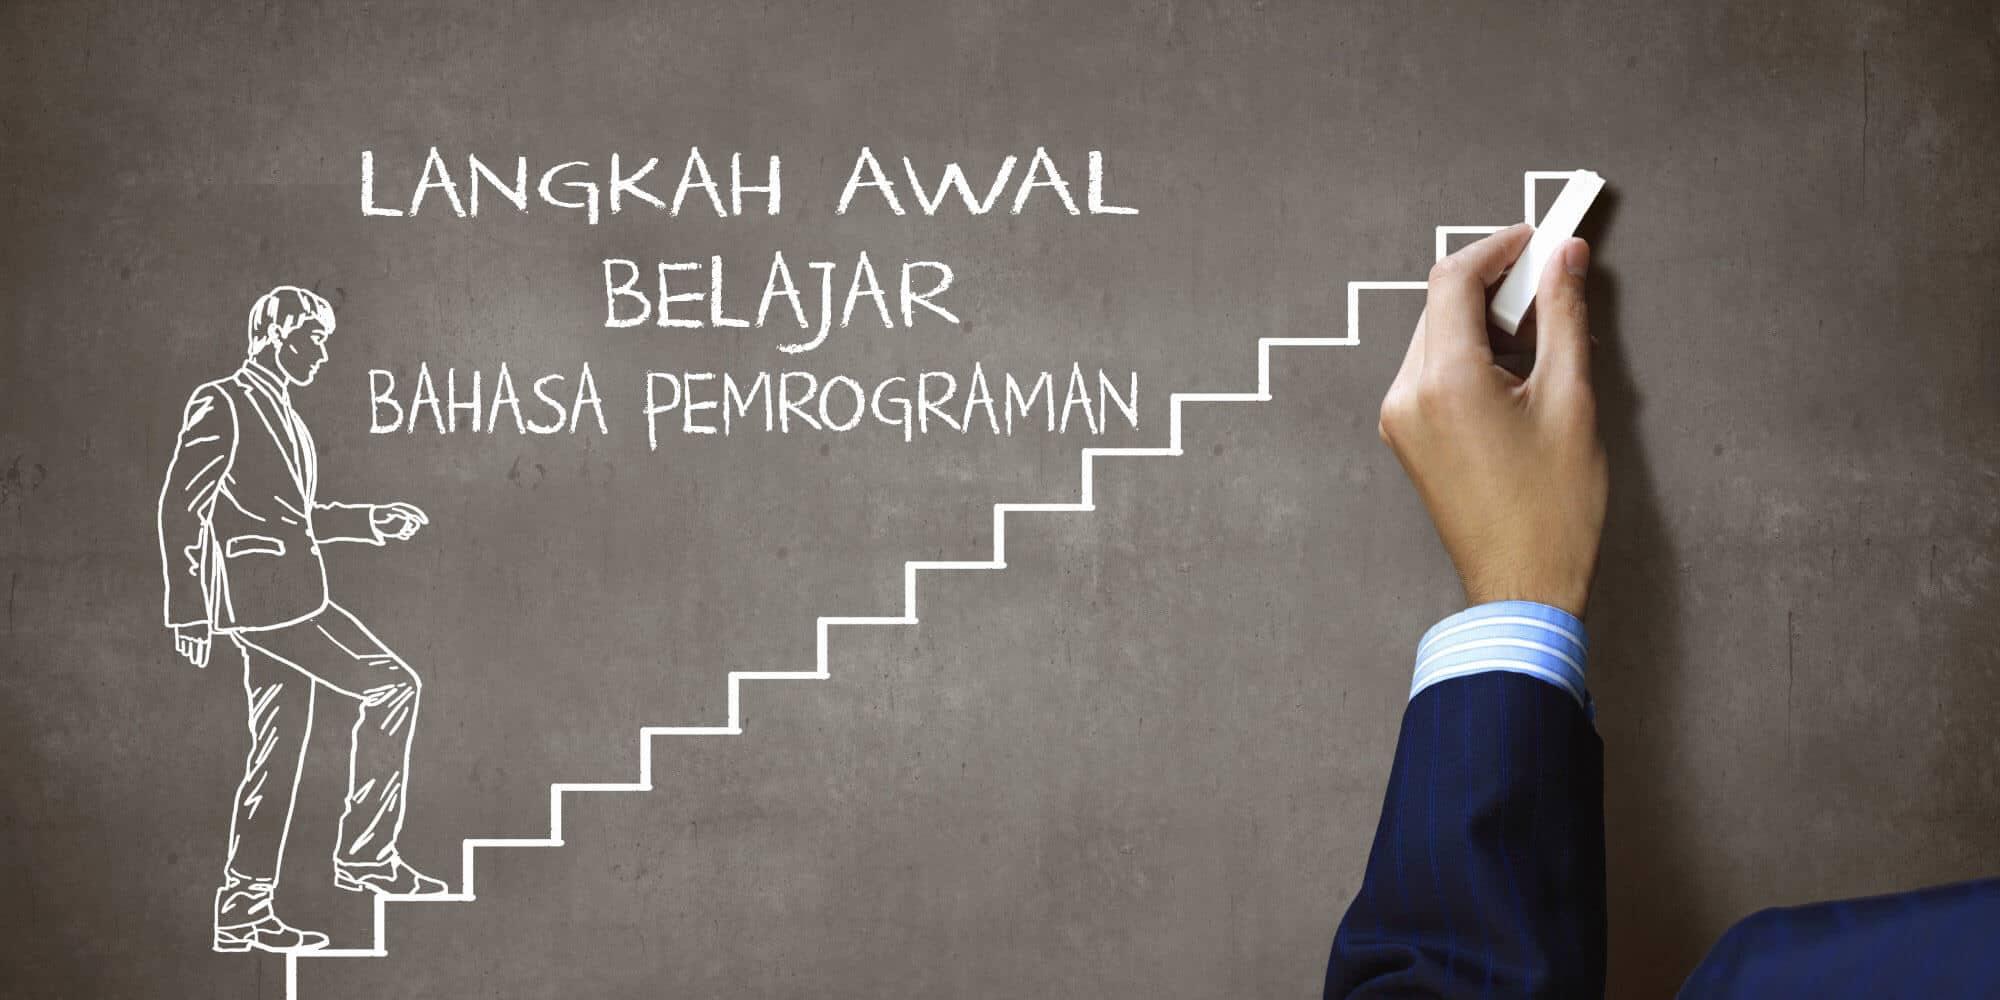 3 cara belajar bahasa pemrograman kotlin, algoritma belajar bahasa pemrograman komputer, aplikasi belajar pemrograman bahasa indonesia, belajar bahasa arab program bisa, belajar bahasa pemrograman, belajar bahasa pemrograman abap, belajar bahasa pemrograman adalah, belajar bahasa pemrograman adalah brainly, belajar bahasa pemrograman ajax, belajar bahasa pemrograman android, belajar bahasa pemrograman android studio, belajar bahasa pemrograman android untuk pemula, belajar bahasa pemrograman arduino, belajar bahasa pemrograman arduino pdf, belajar bahasa pemrograman assembly, belajar bahasa pemrograman bagi pemula, belajar bahasa pemrograman bahasa indonesia, belajar bahasa pemrograman bash, belajar bahasa pemrograman basic, belajar bahasa pemrograman c , belajar bahasa pemrograman c lengkap dari awal untuk pemula, belajar bahasa pemrograman c untuk pemula pdf, belajar bahasa pemrograman c memiliki keuntungan kecuali, belajar bahasa pemrograman c pdf, belajar bahasa pemrograman c untuk pemula, belajar bahasa pemrograman c# untuk pemula pdf, belajar bahasa pemrograman cmd, belajar bahasa pemrograman cobol, belajar bahasa pemrograman cow, belajar bahasa pemrograman css, belajar bahasa pemrograman dari awal, belajar bahasa pemrograman dari dasar, belajar bahasa pemrograman dari nol, belajar bahasa pemrograman dart, belajar bahasa pemrograman dasar, belajar bahasa pemrograman dasar gratis, belajar bahasa pemrograman dasar komputer, belajar bahasa pemrograman dasar pdf, belajar bahasa pemrograman delphi, belajar bahasa pemrograman dev c , belajar bahasa pemrograman di android, belajar bahasa pemrograman di hp, belajar bahasa pemrograman erlang, belajar bahasa pemrograman flutter, belajar bahasa pemrograman go, belajar bahasa pemrograman golang, belajar bahasa pemrograman gratis, belajar bahasa pemrograman hacker, belajar bahasa pemrograman hacking, belajar bahasa pemrograman html, belajar bahasa pemrograman html pdf, belajar bahasa pemrograman ios, belajar bahasa pemrogr